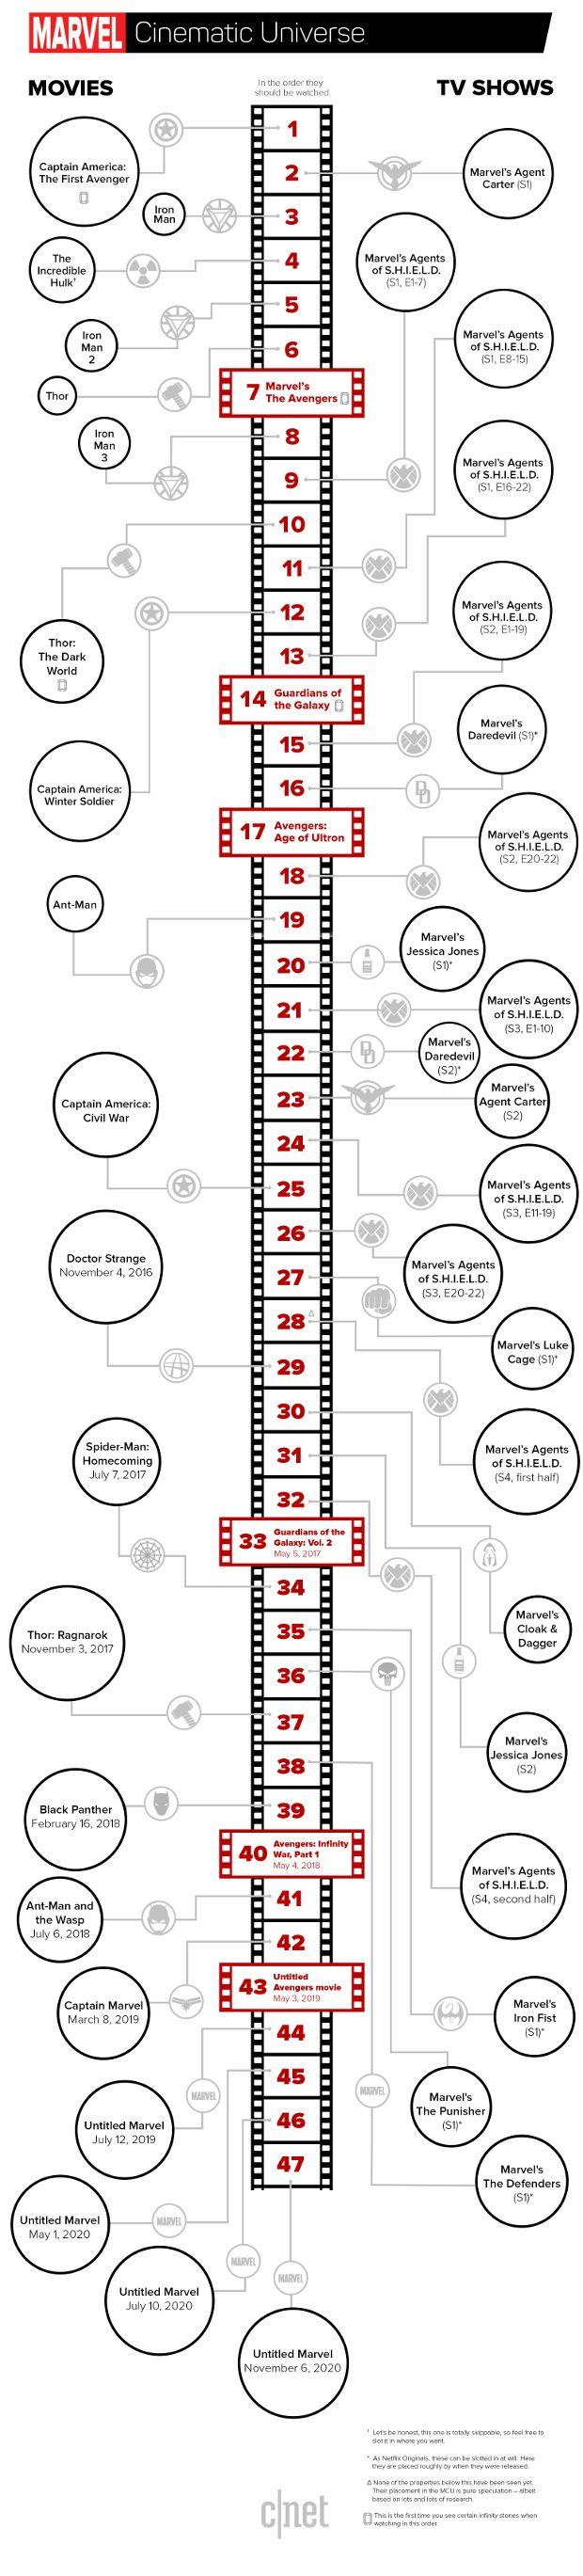 Todas las películas y series de Marvel, en orden cronológico - ComputerHoy.com